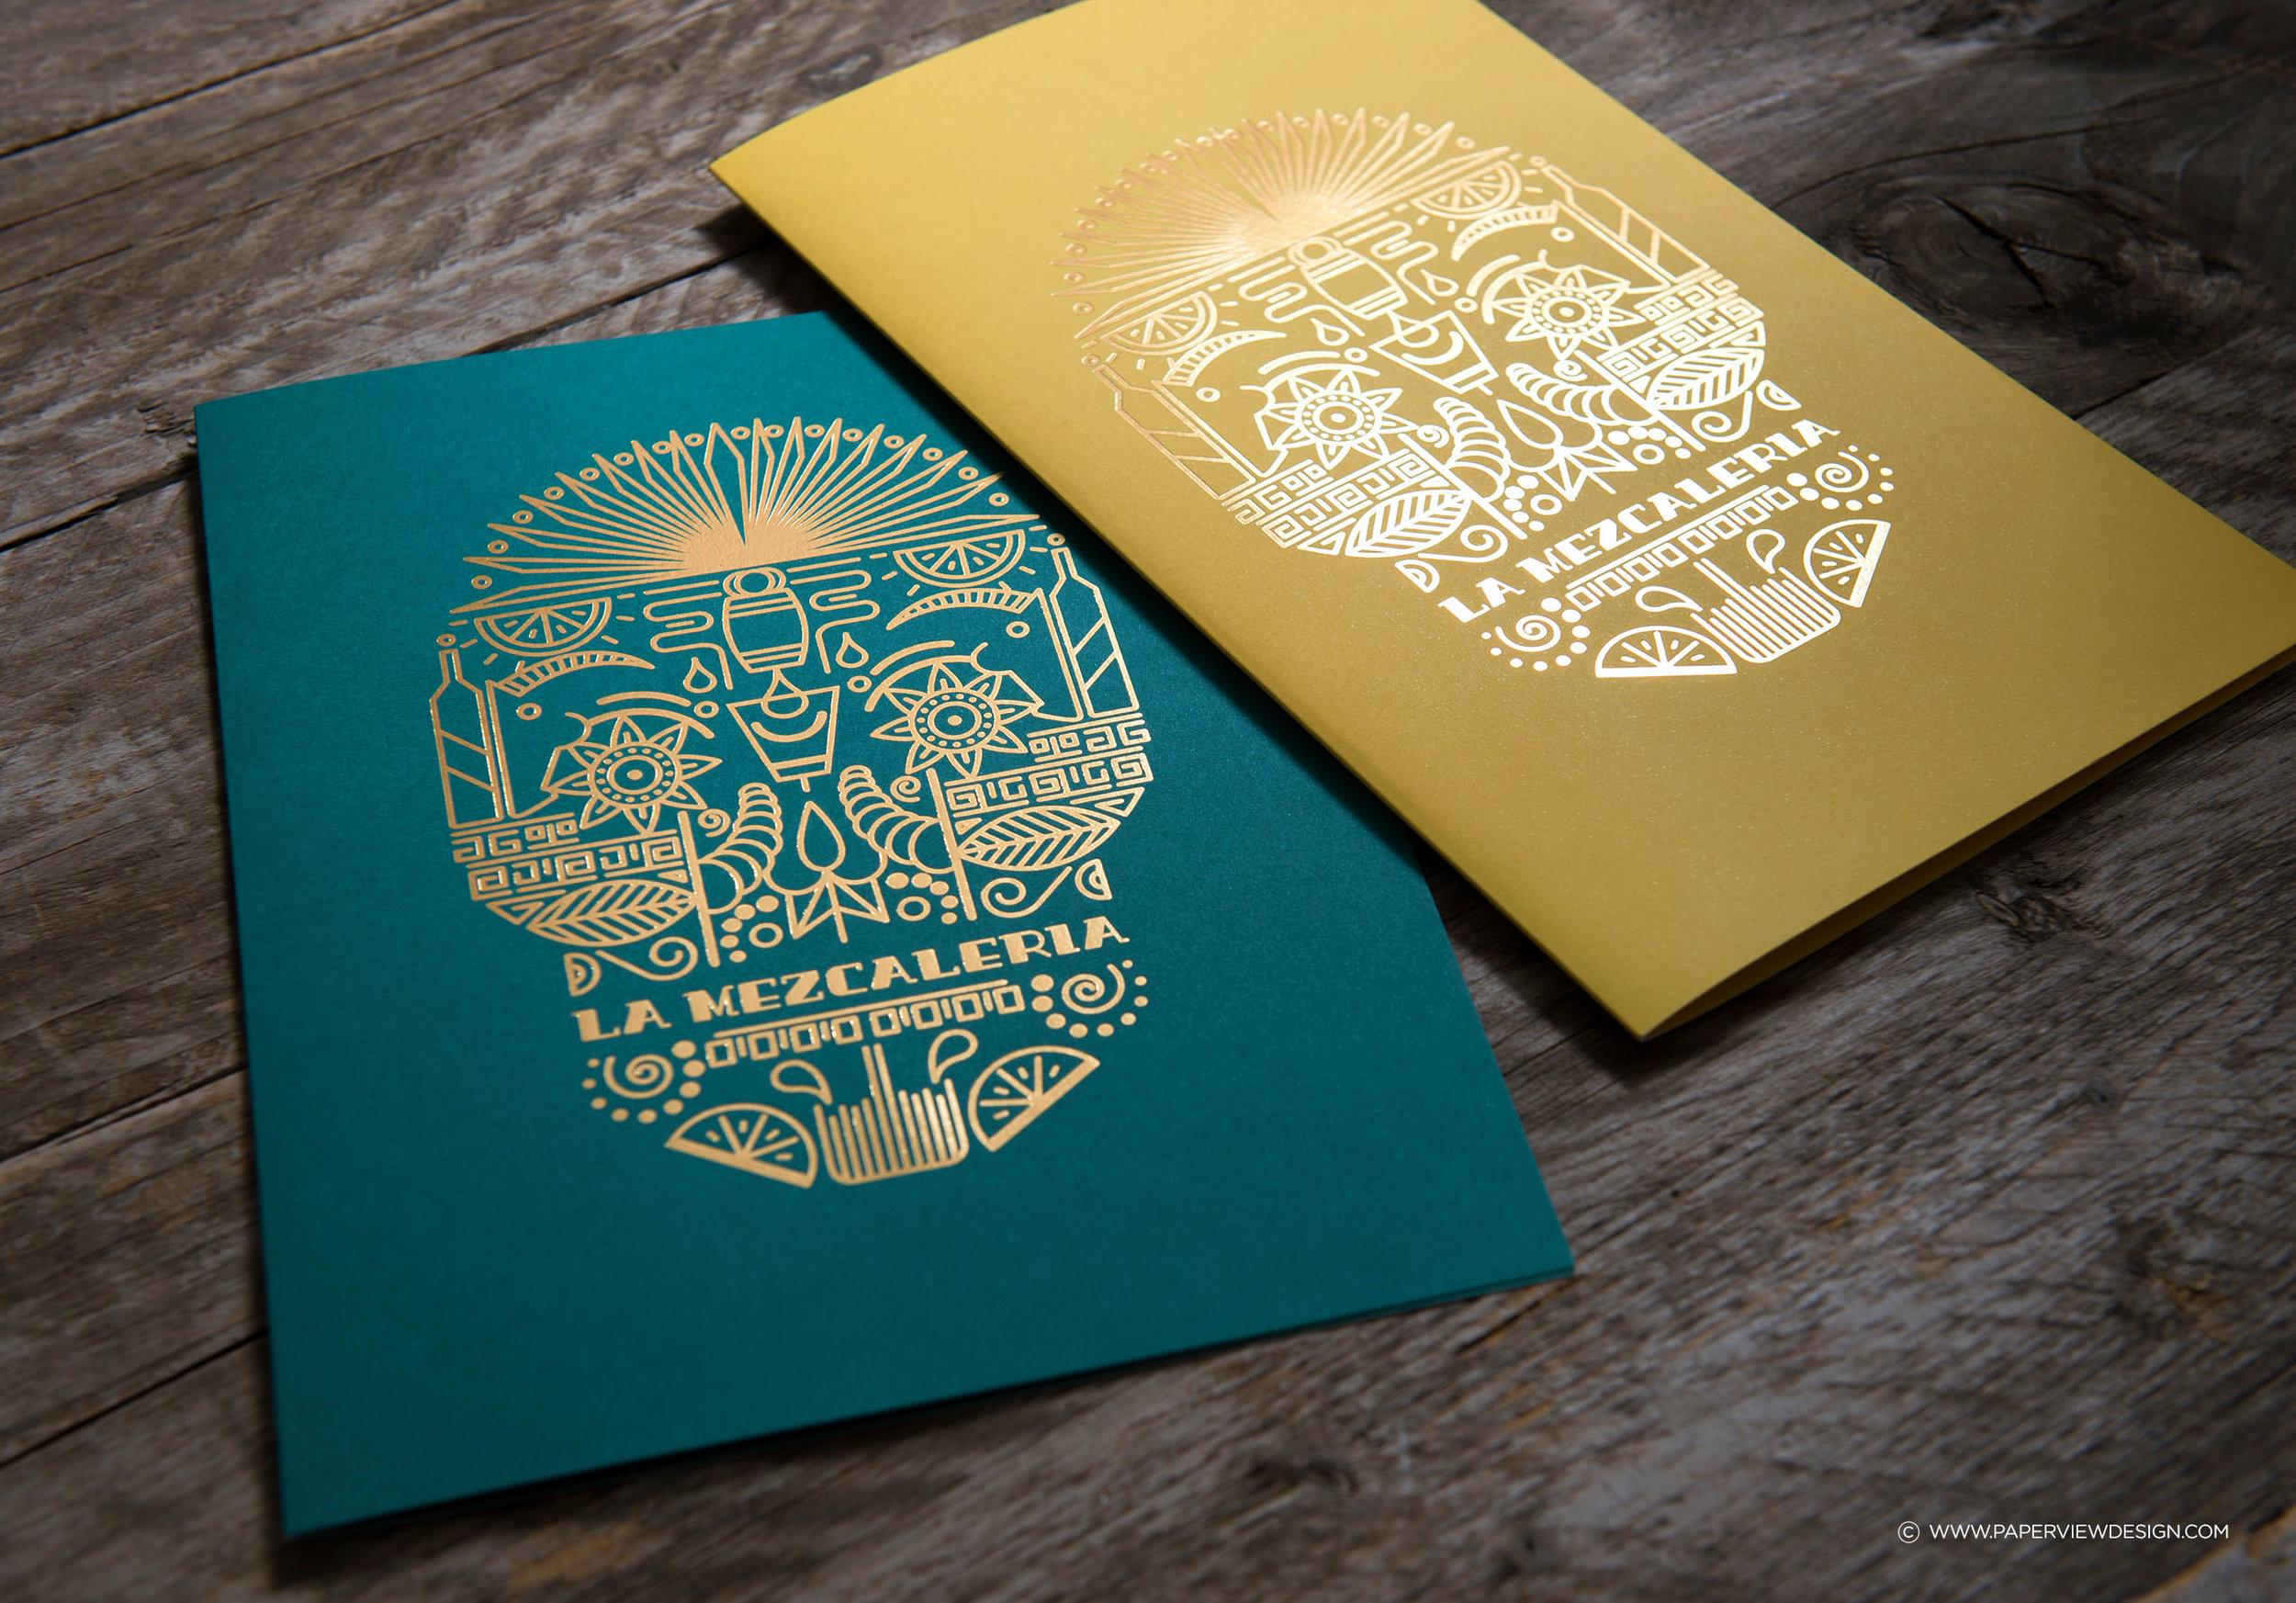 LaMezcaleria-Identity-Branding-Mexican-Bar-Restaurant-Skull-Illustration-Menu